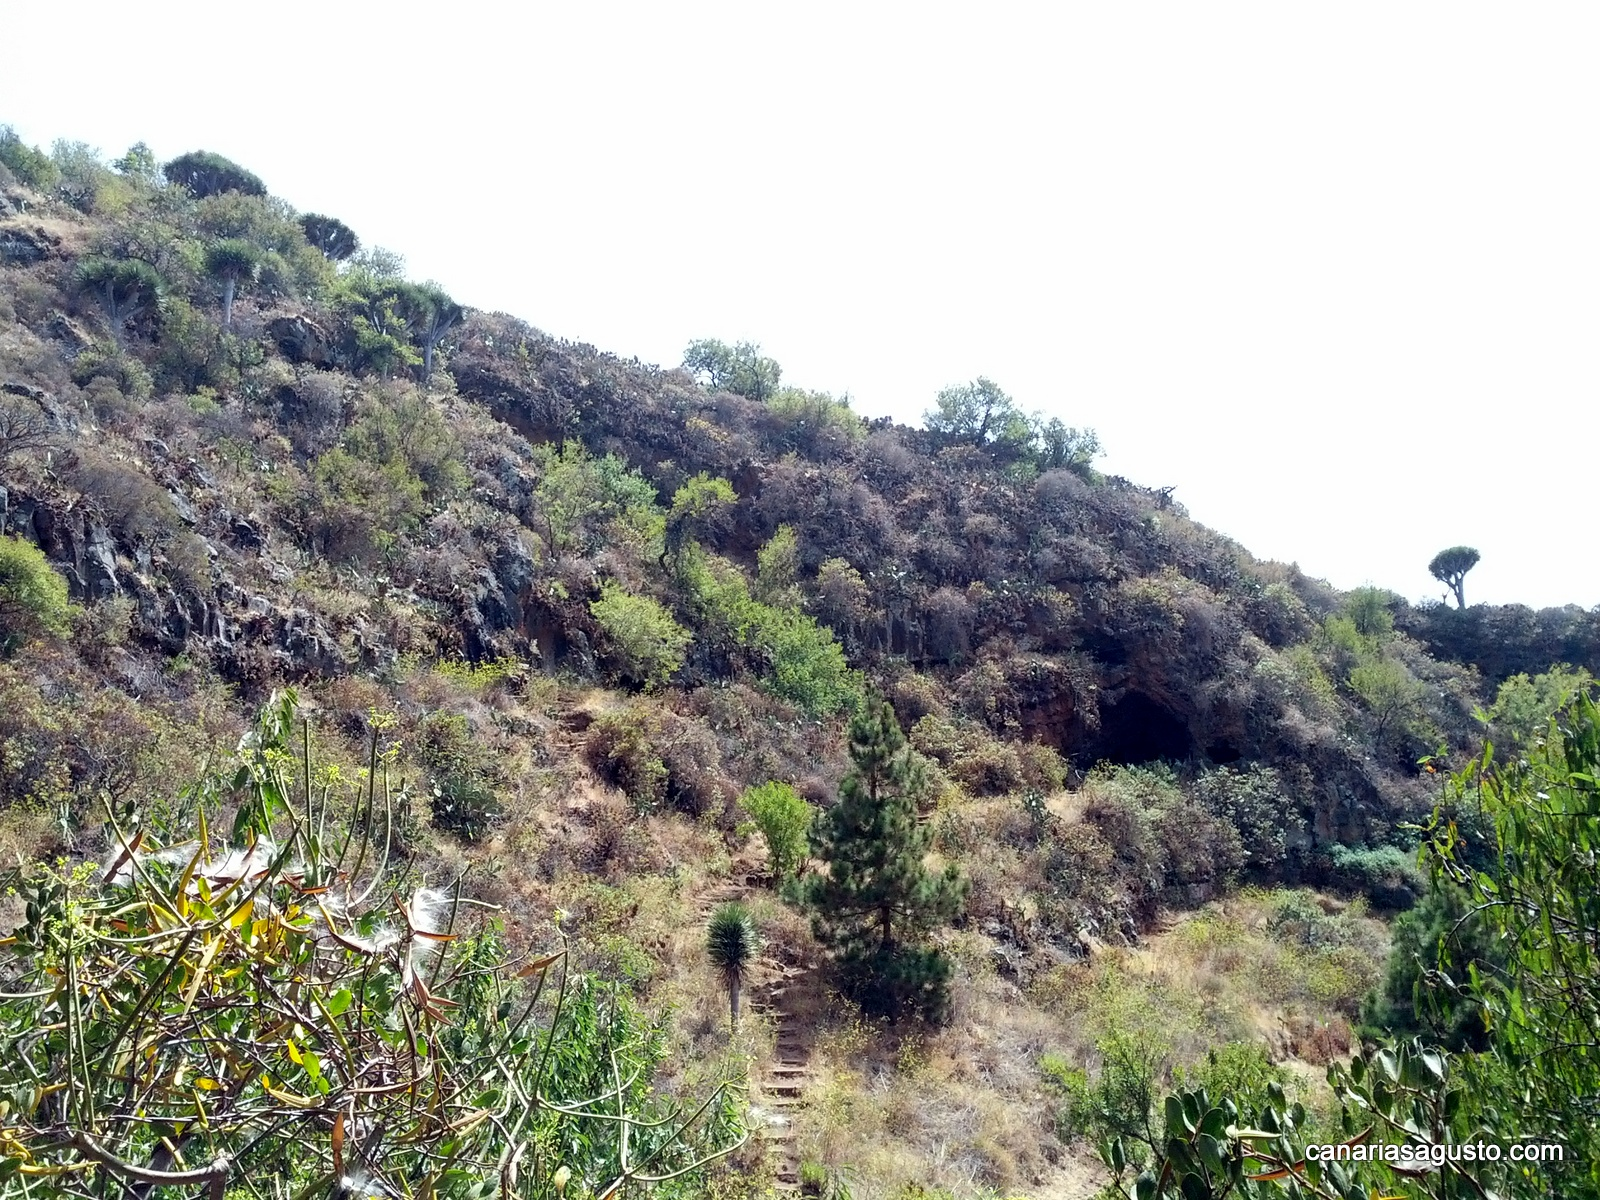 La-Palma-Islas-Canarias-Agosto-2013-71